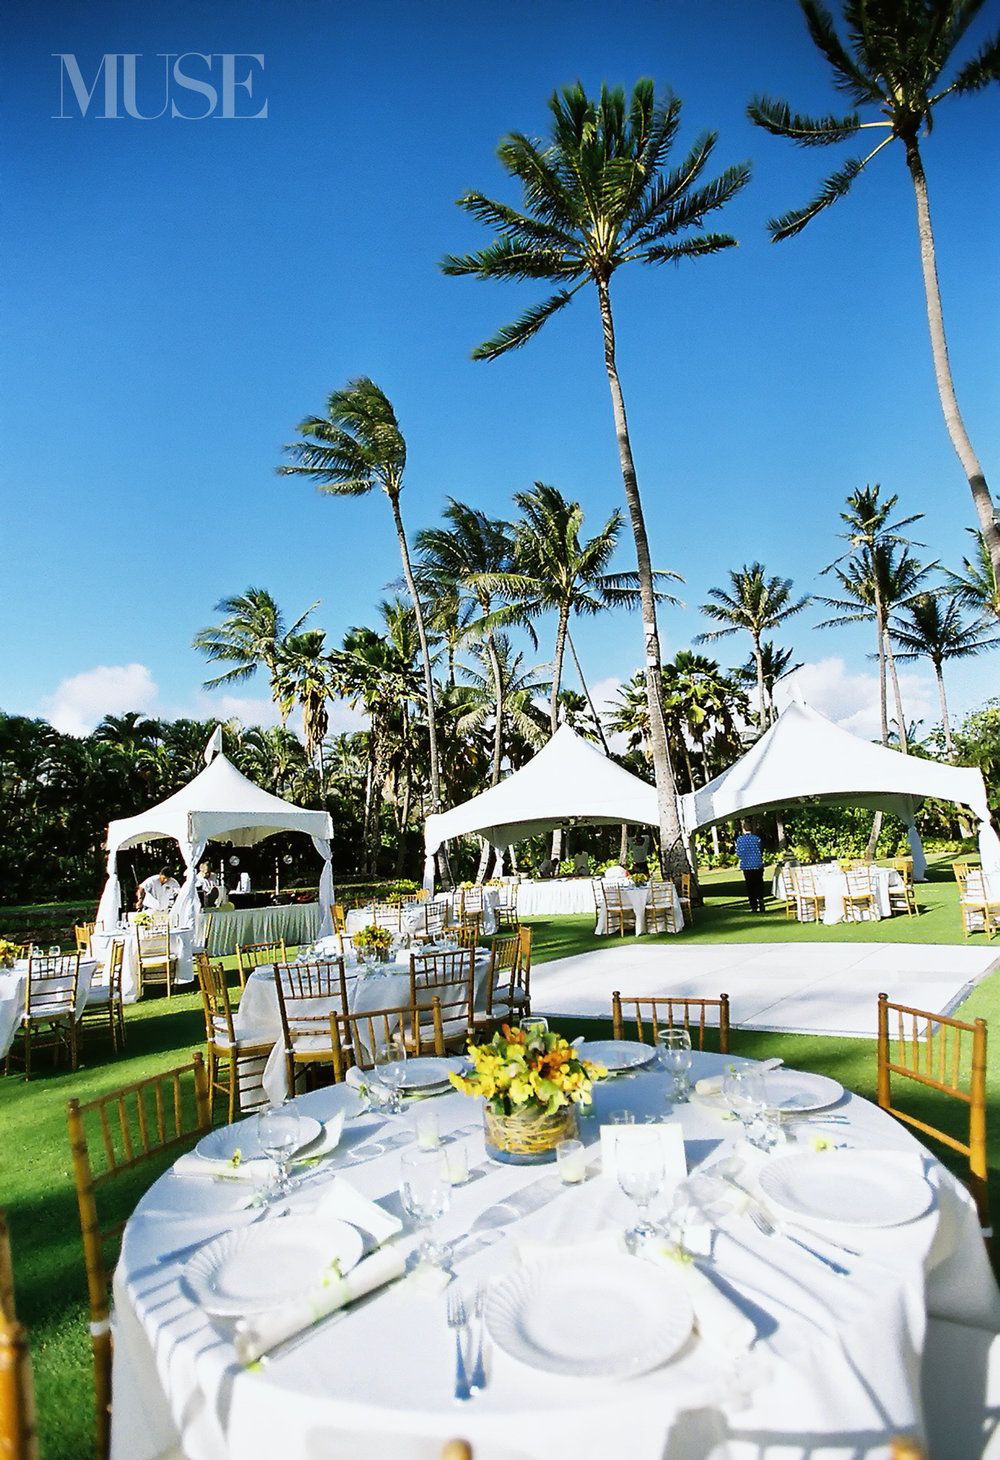 MUSE Bride Lookbook - Venue . Lanikuhonua